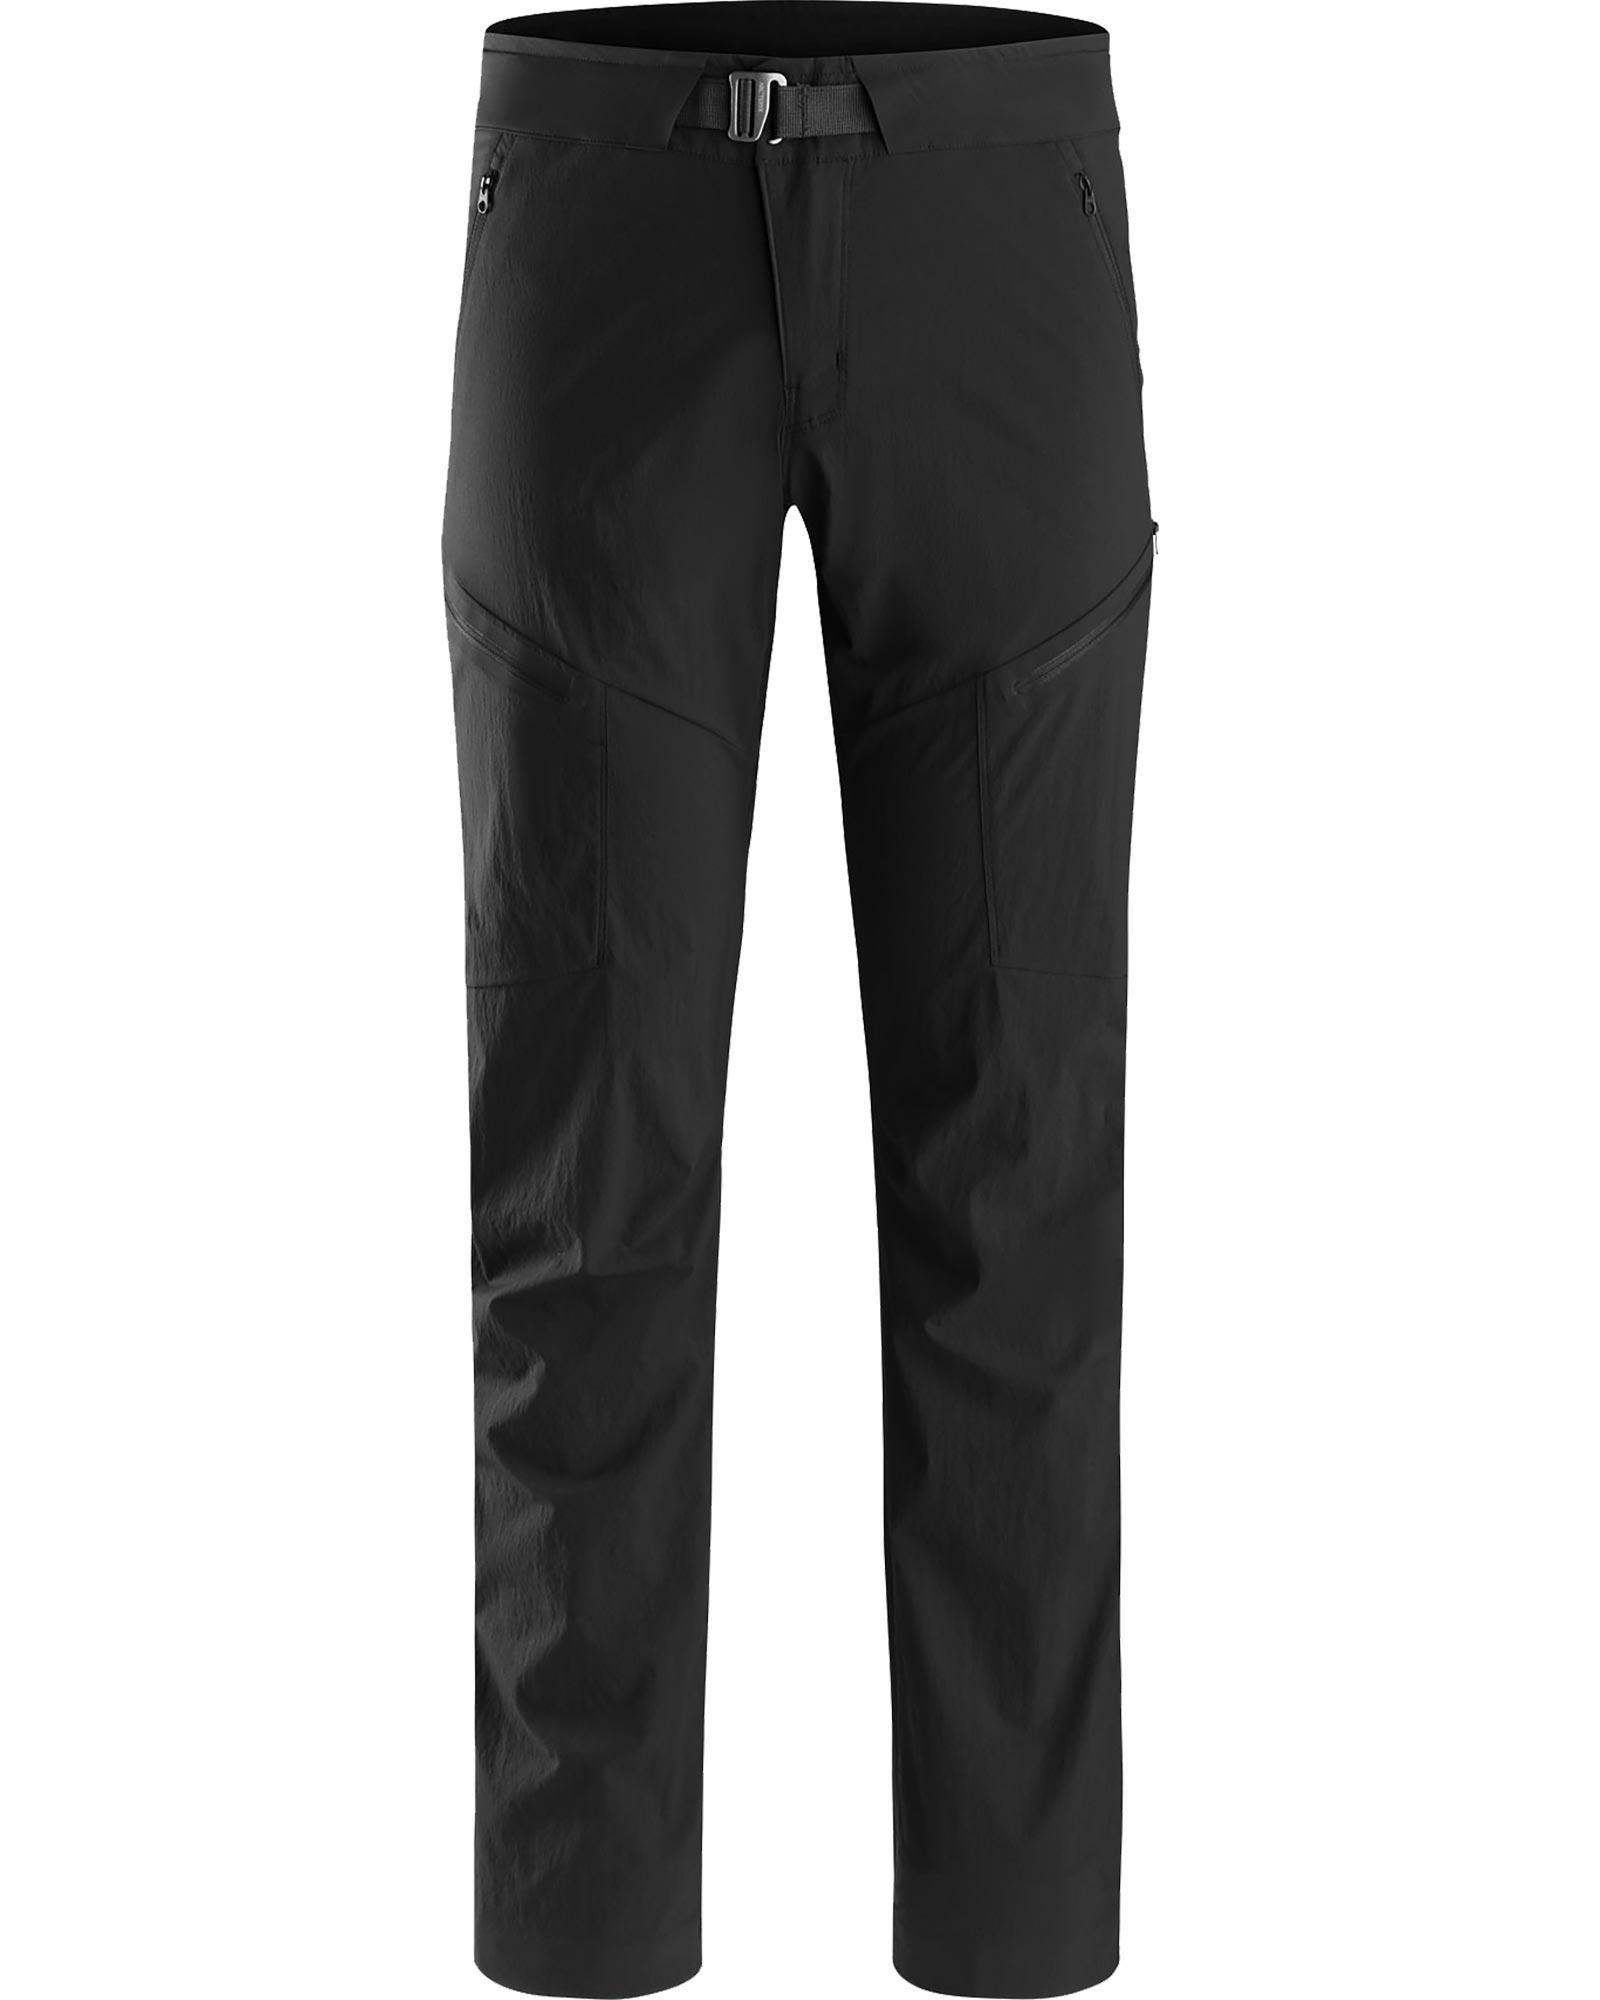 Arc'teryx Men's Palisade Pants 0